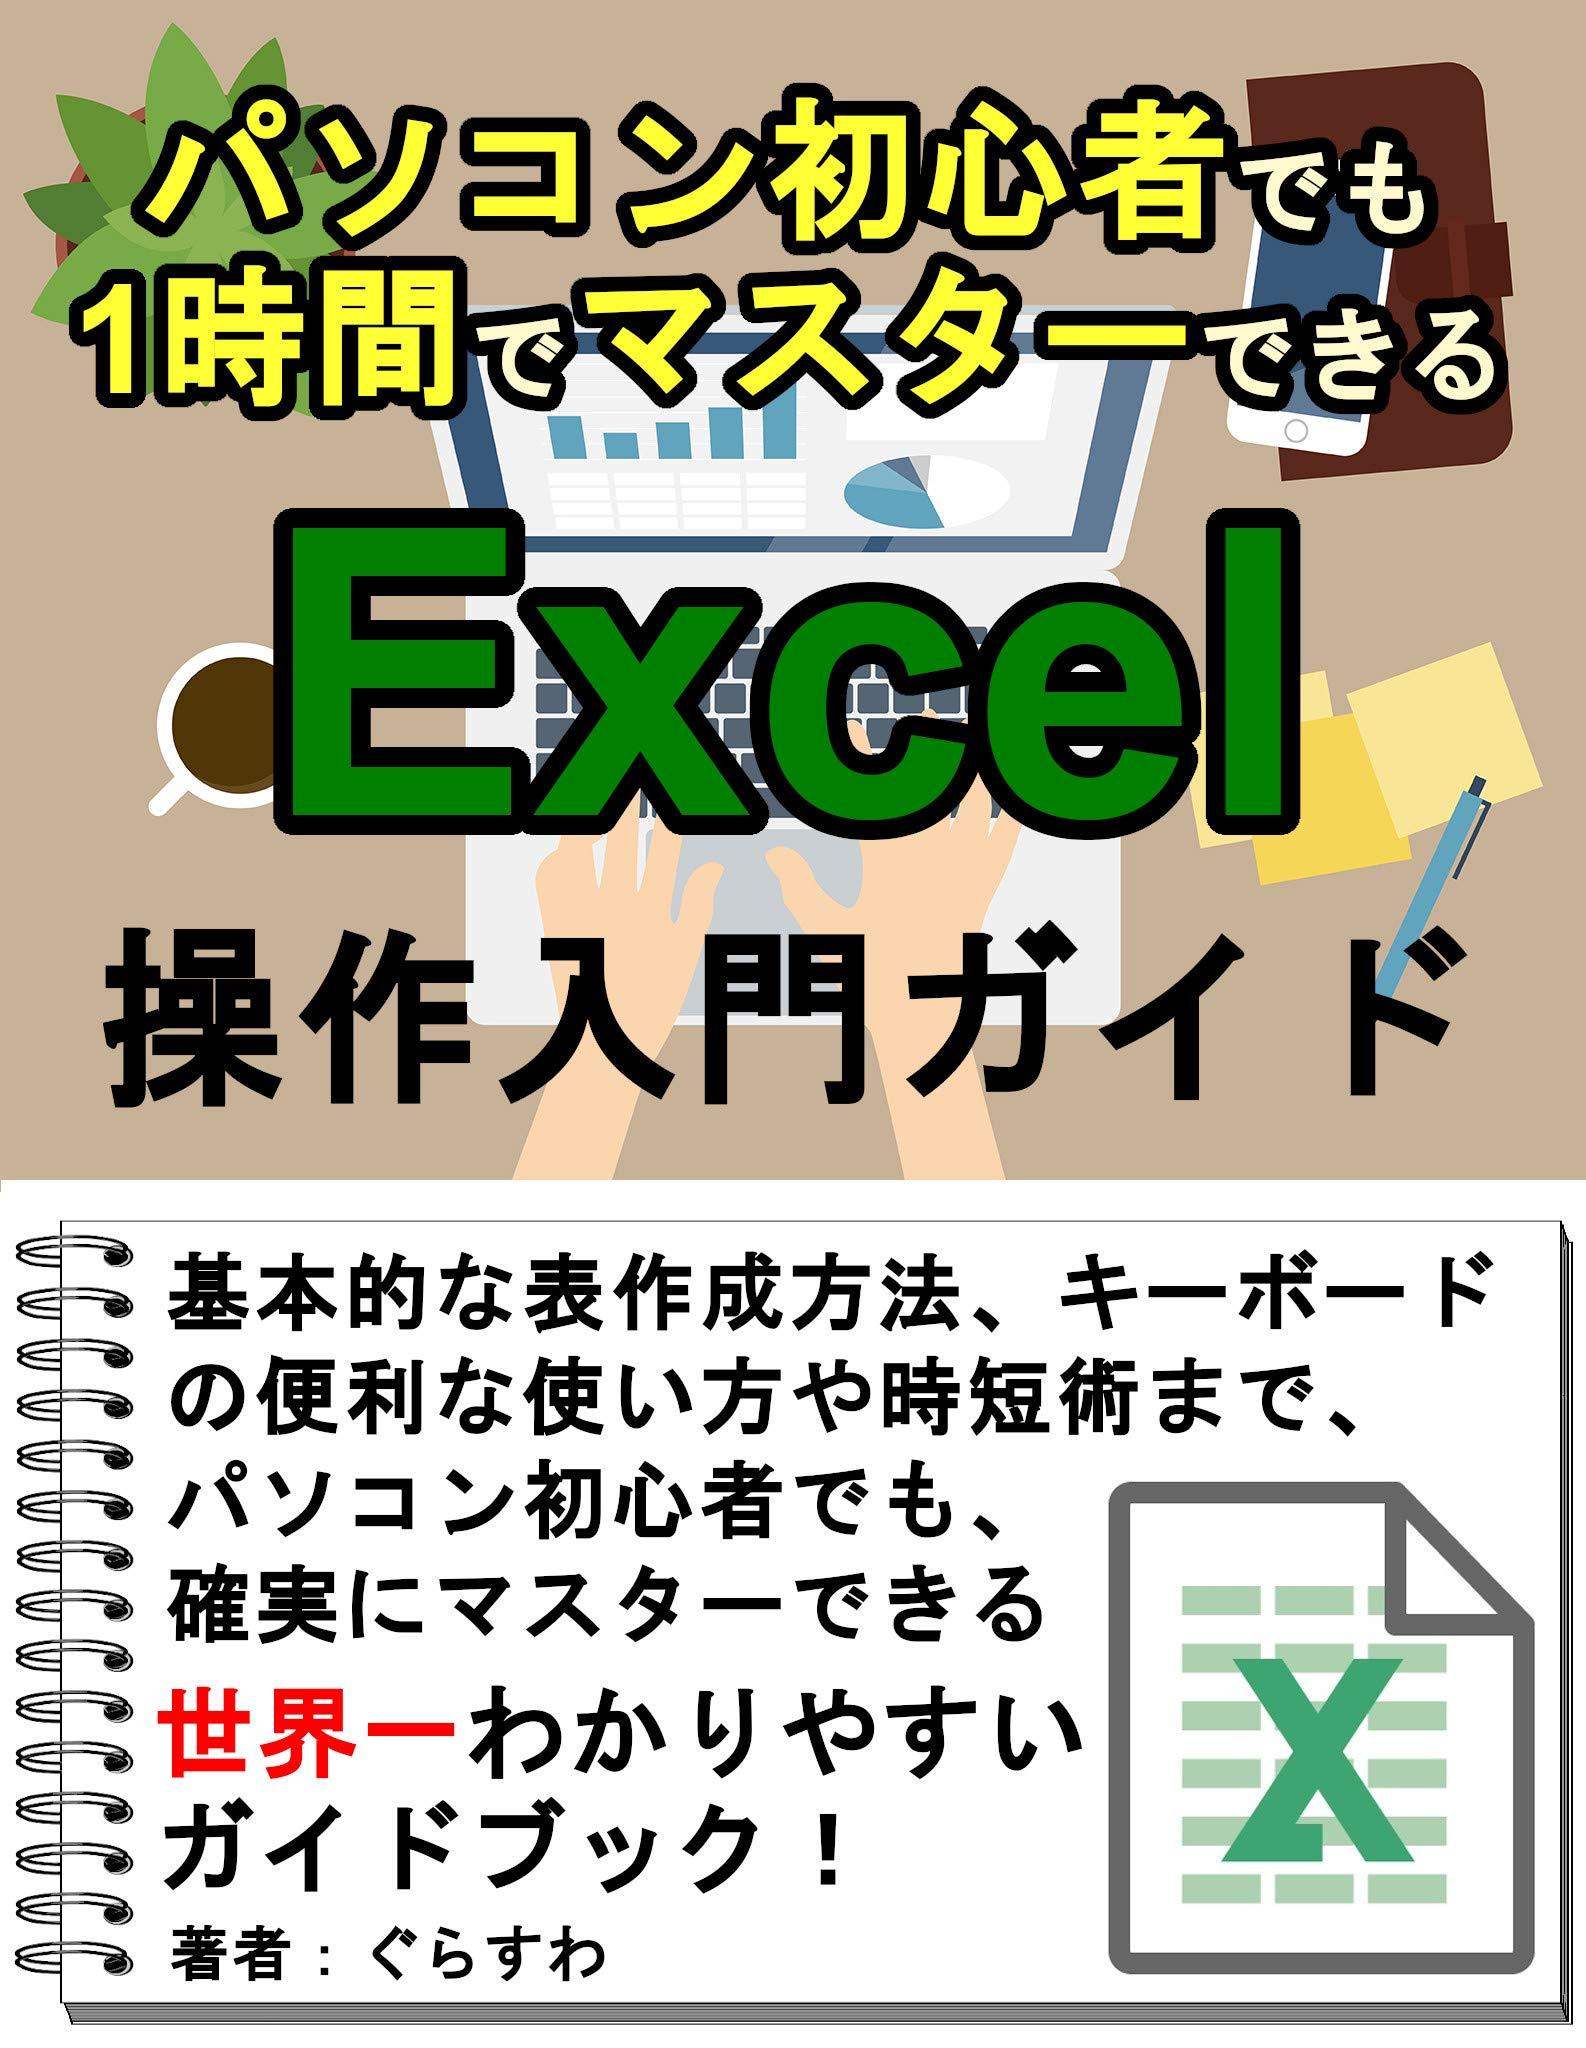 PASOKONSHOSHINSHADEMOICHIJIKANDEMASTERDEKIRUEXCELSOUSANYUUMONGUIDESHIGOTONIYAKUDASTUSKILLUP (Japanese Edition)